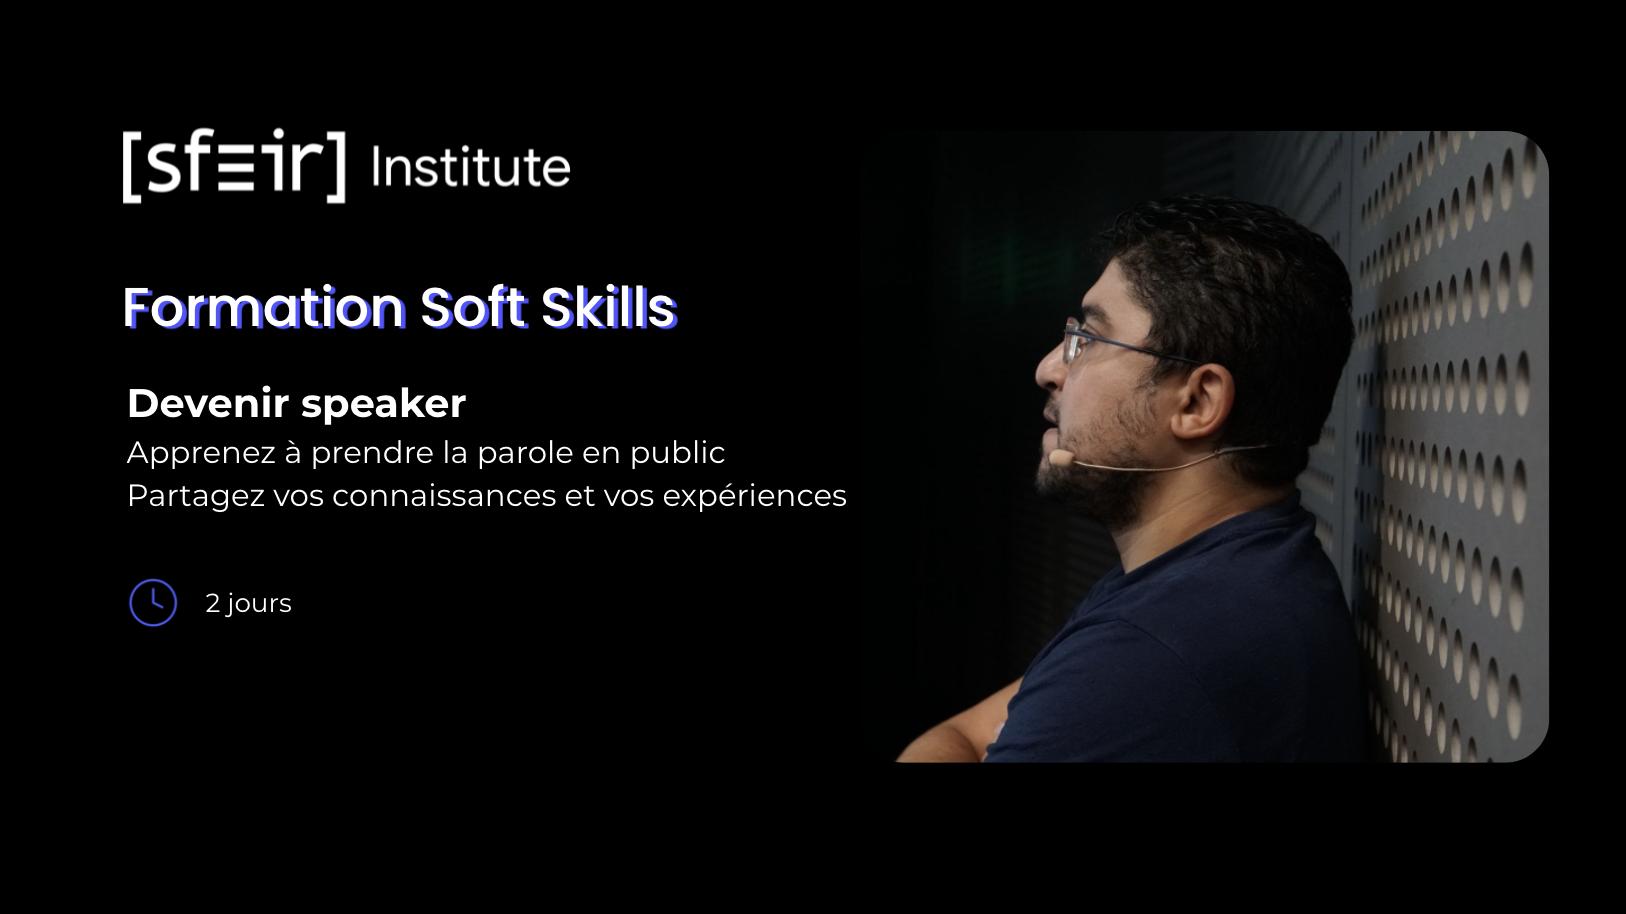 sfeir-institute-speaker